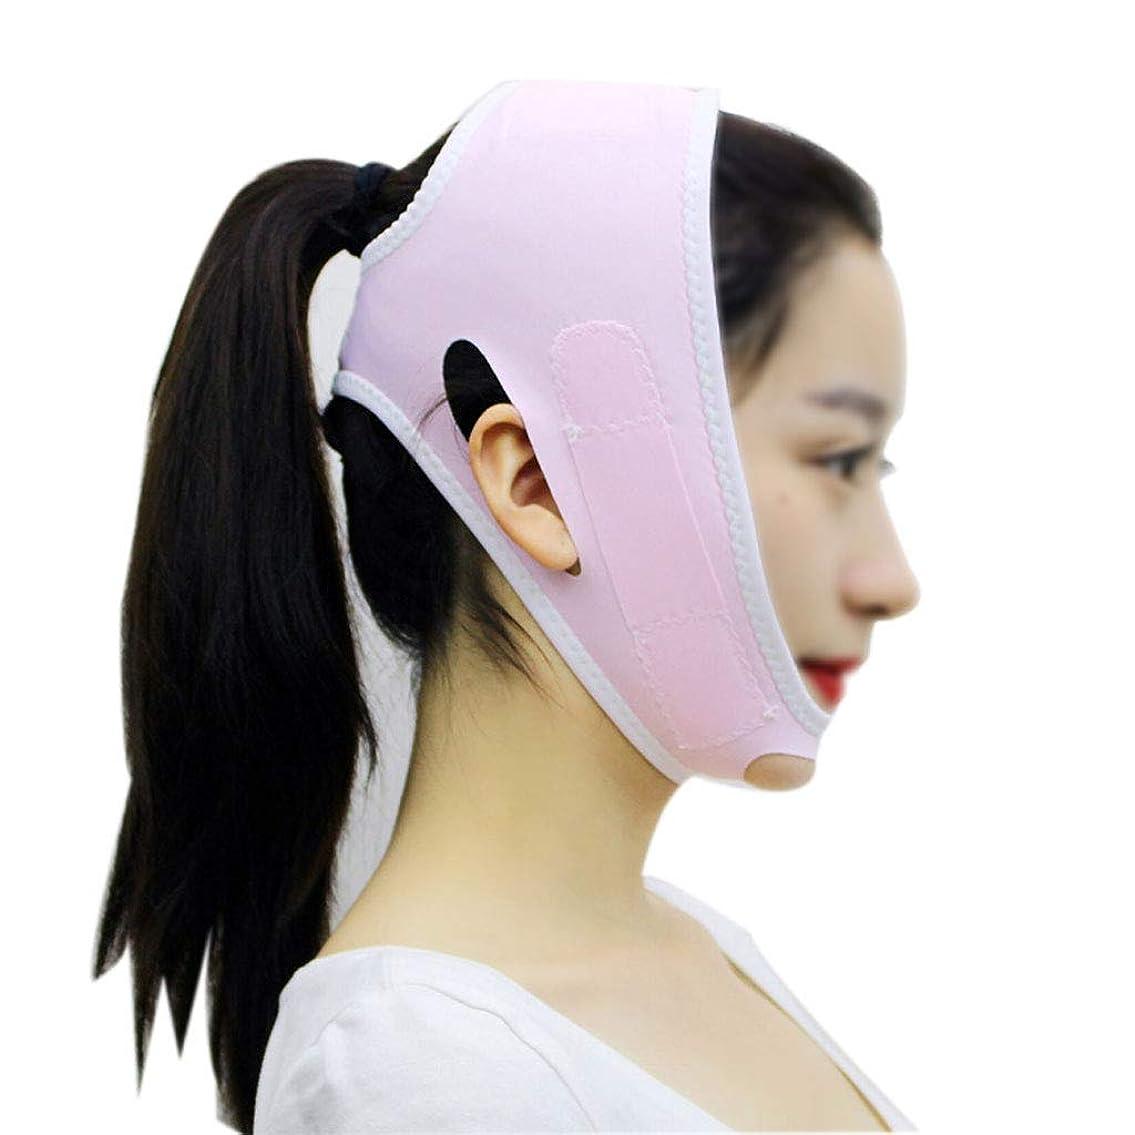 ベリー虚弱せせらぎGLJJQMY 引き締め肌の薄い二重あごマスクを強化するためのフェイスリフティング包帯回復マスク 顔用整形マスク (Color : Pink)